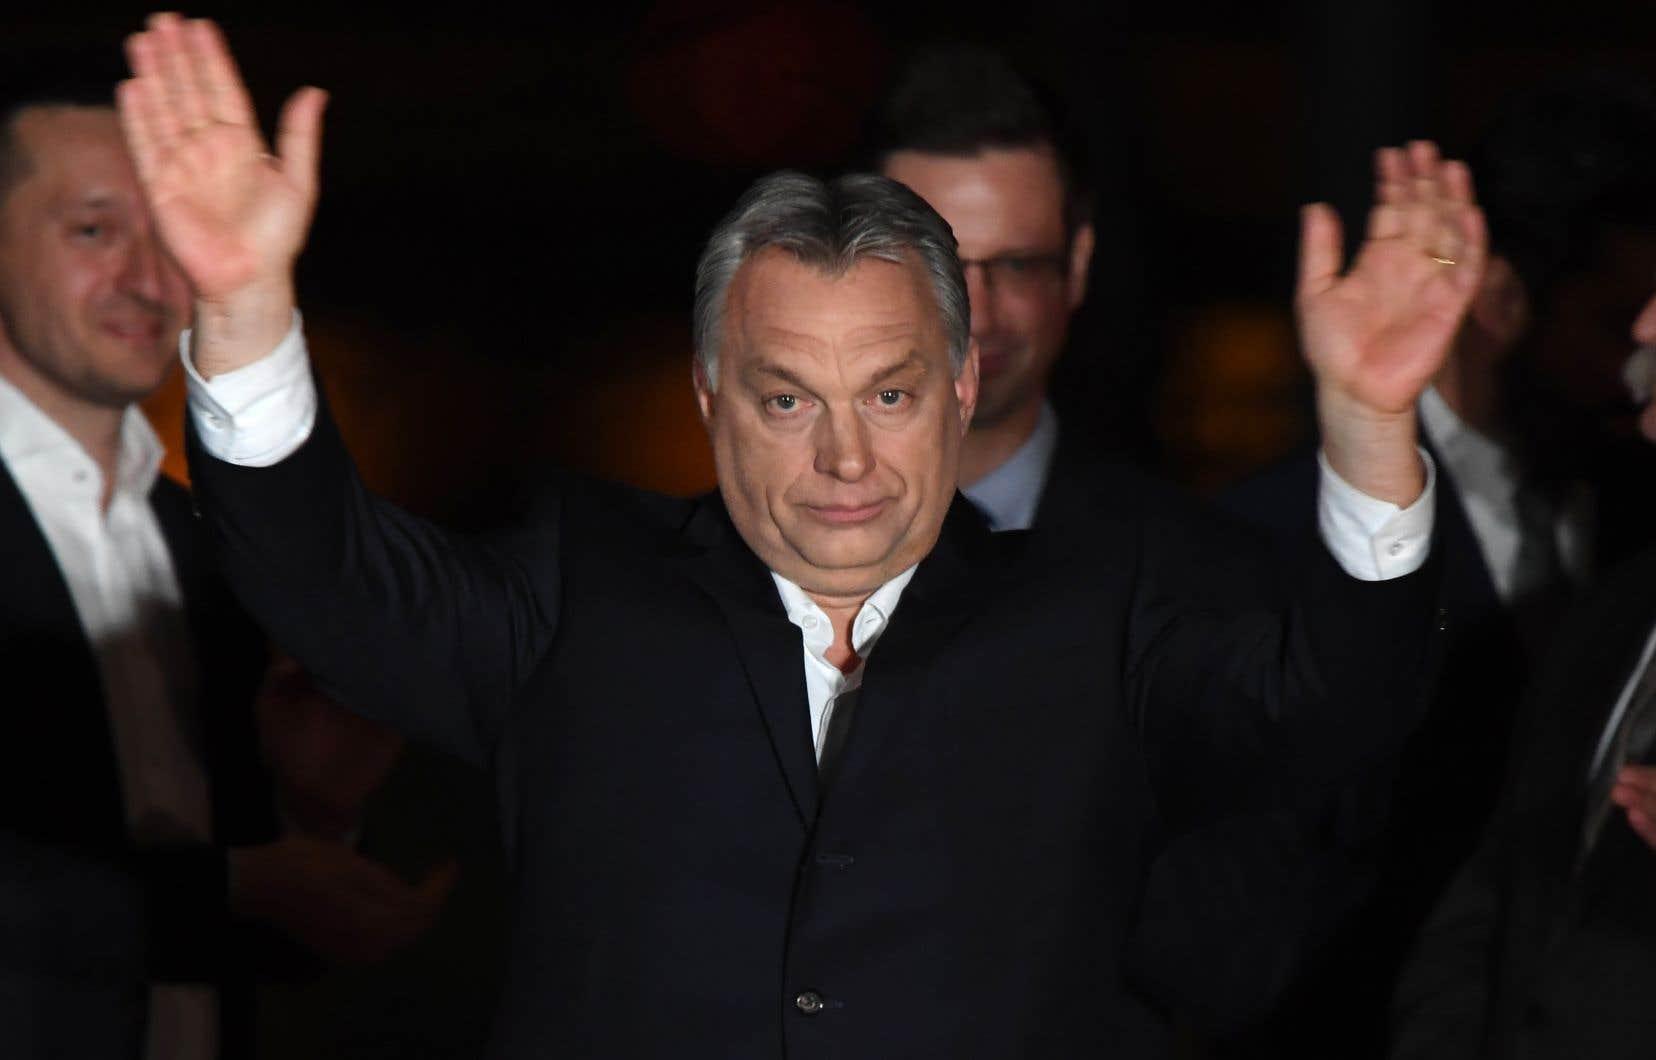 Viktor Orban a affirmé pendant sa campagne vouloir travailler avec l'Italie et l'Autriche à une alliance de pays hostiles à l'immigration musulmane.